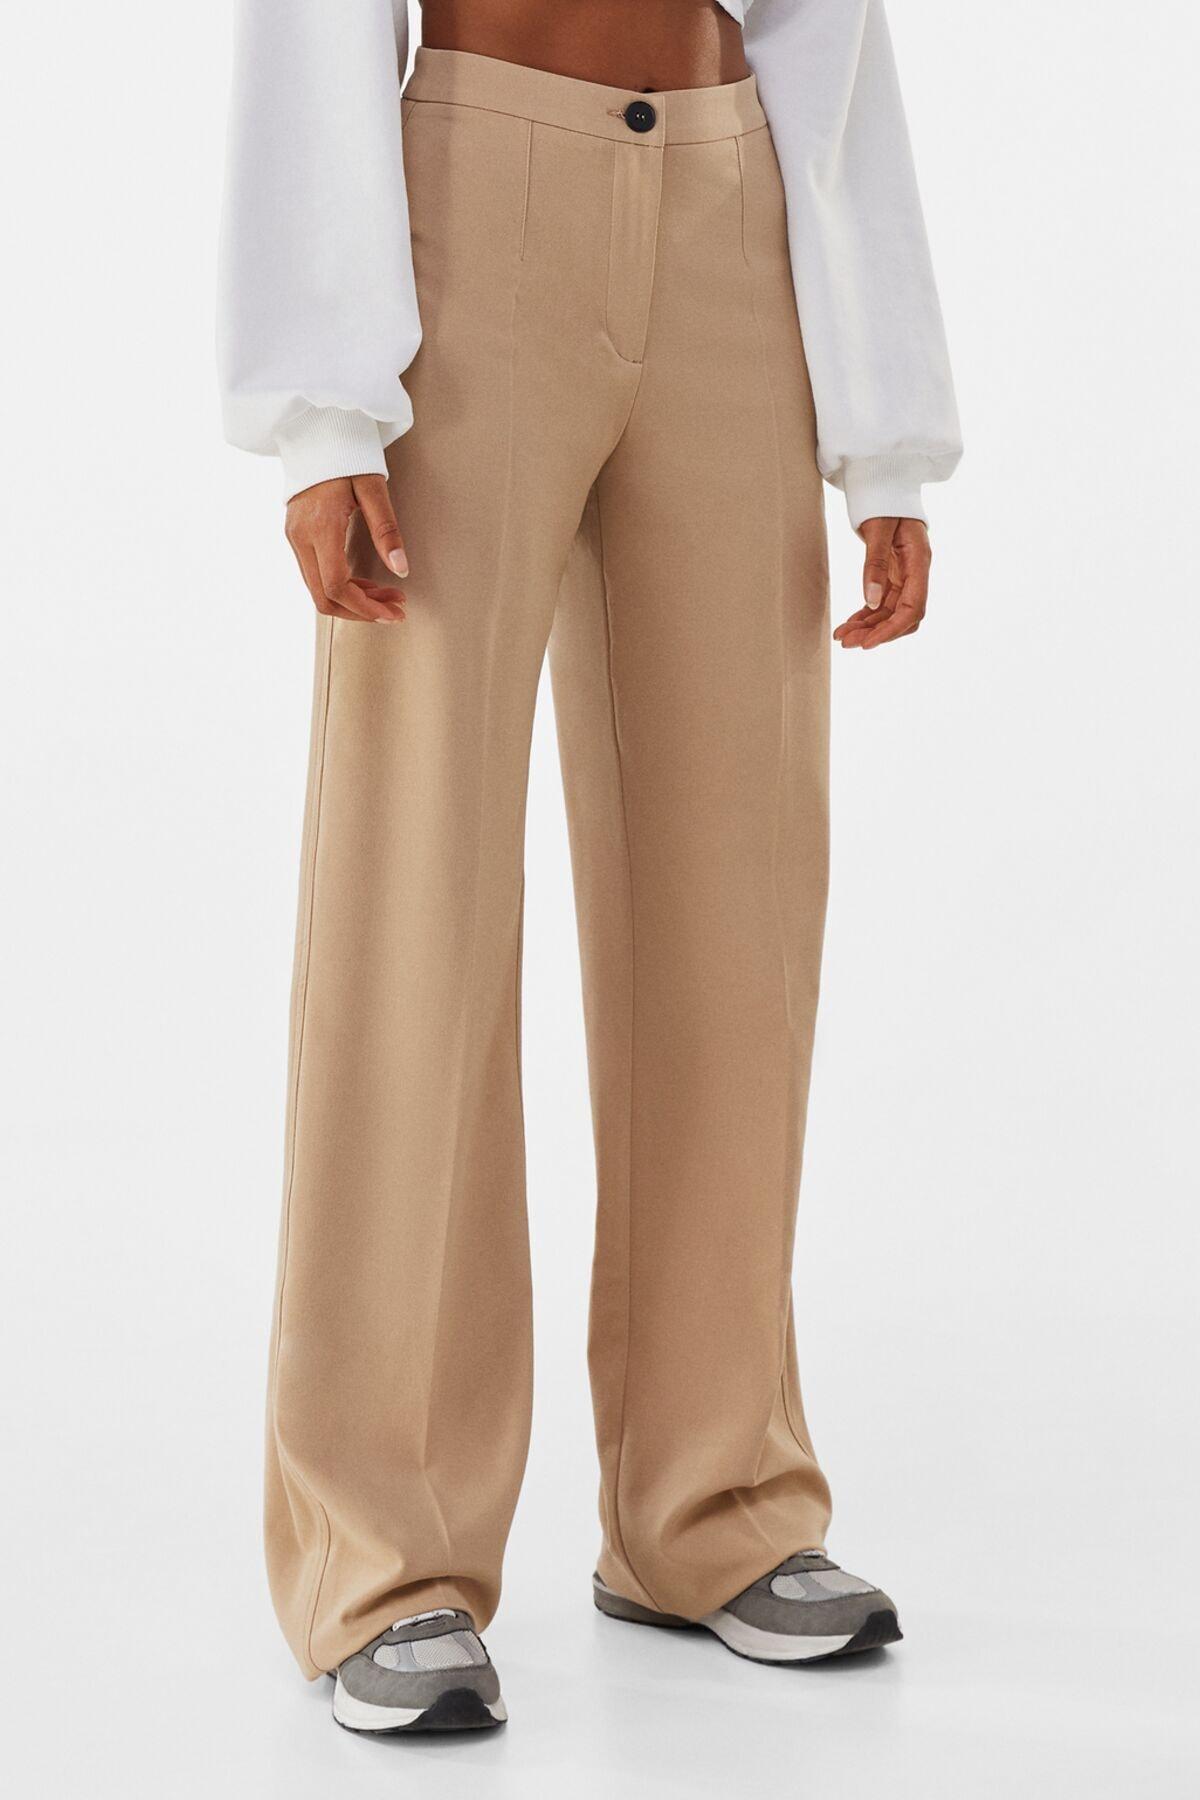 Bershka Kadın Deve Tüyü Rengi Wide Leg Pantolon 00105168